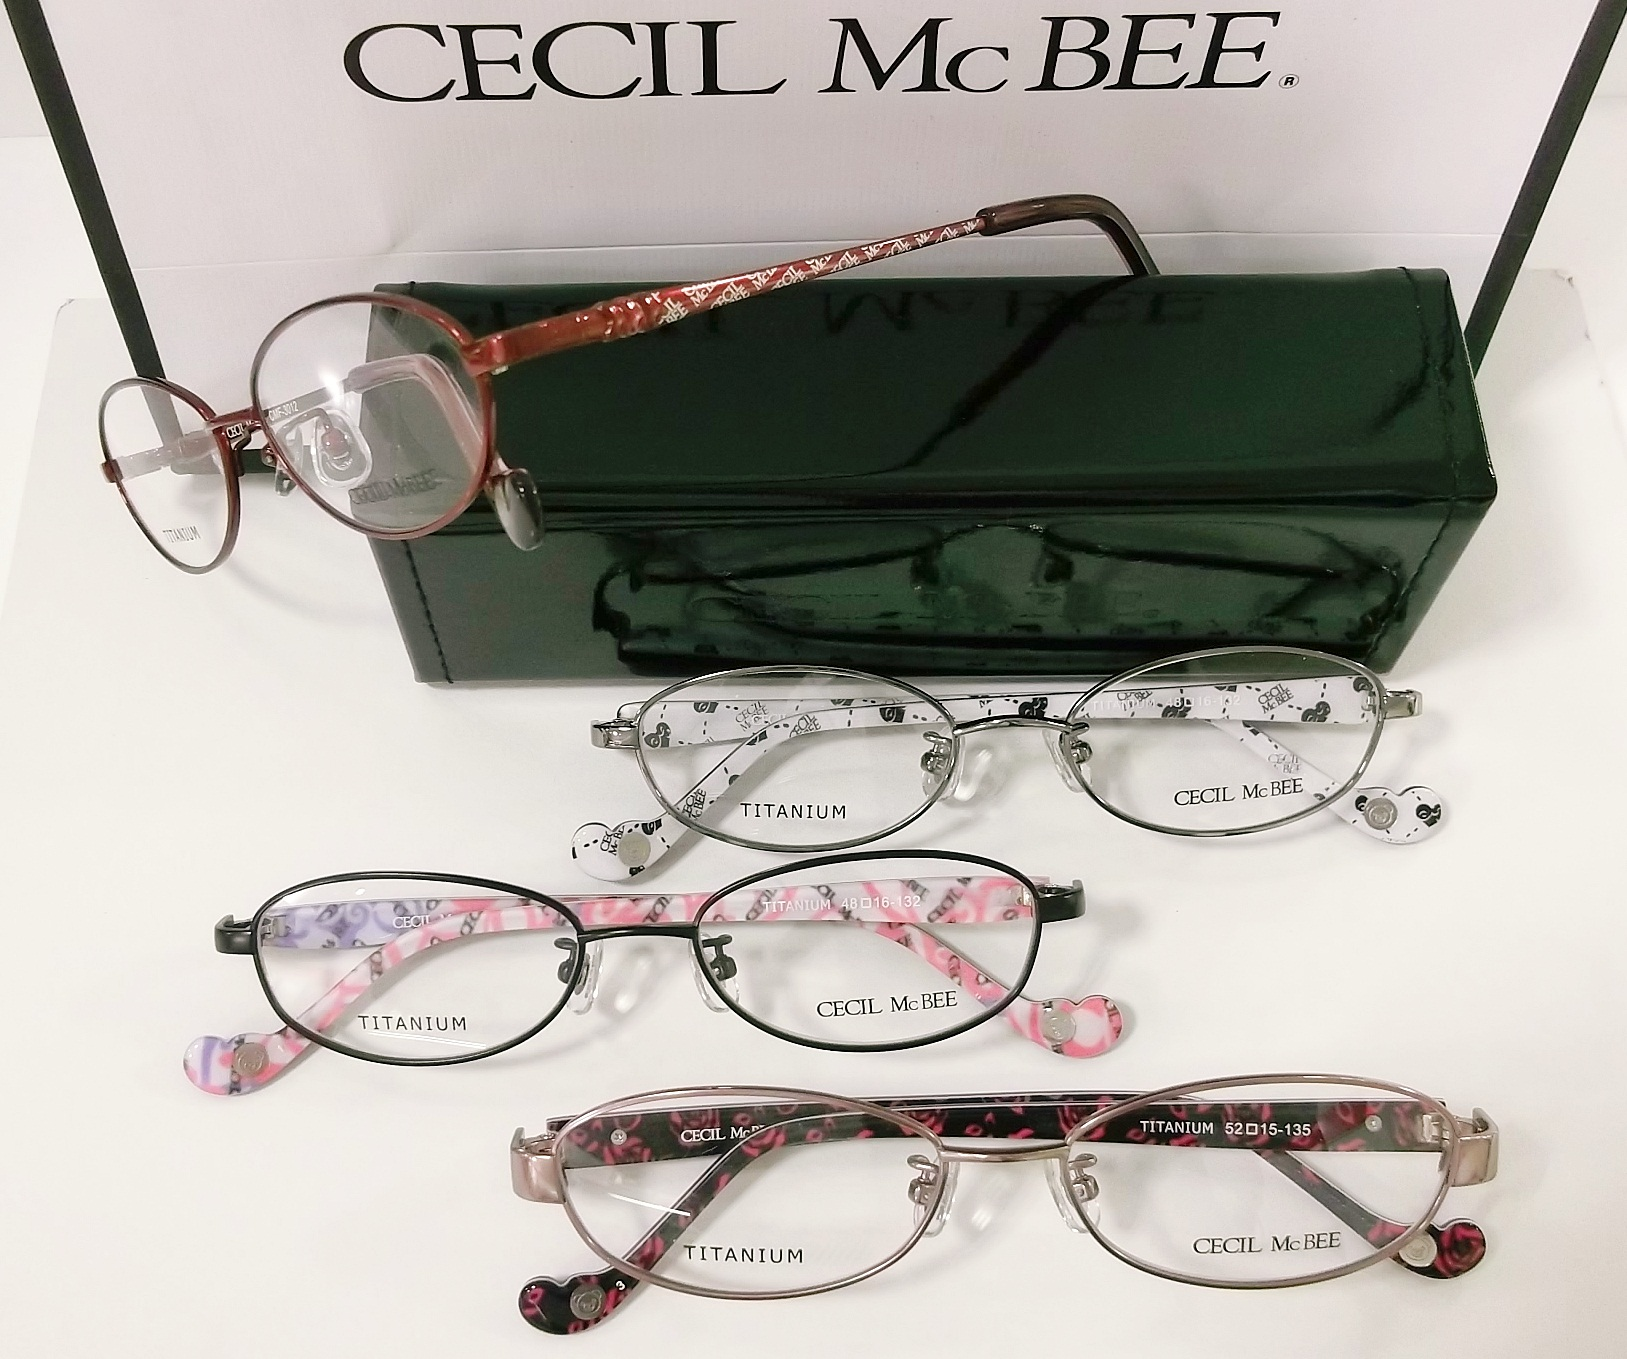 CECIL MCBEE 111201